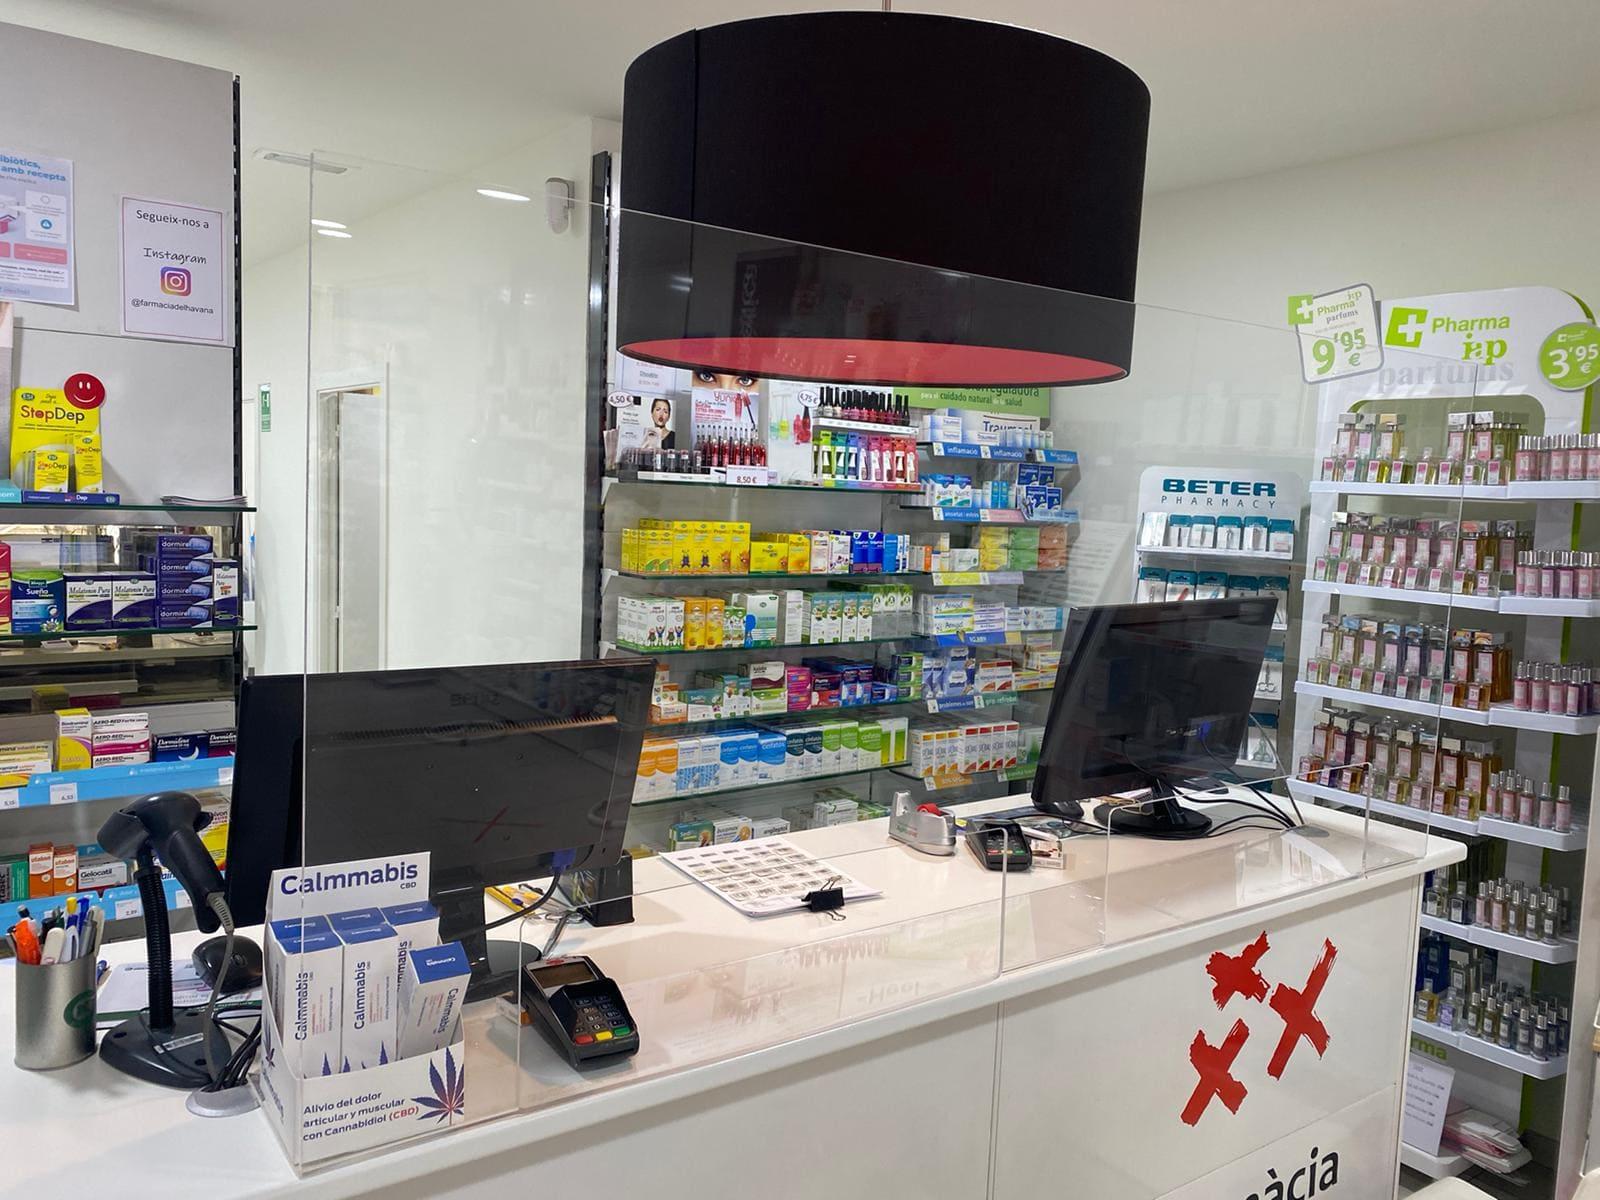 Mampara protectora de metacrilato en una farmacia